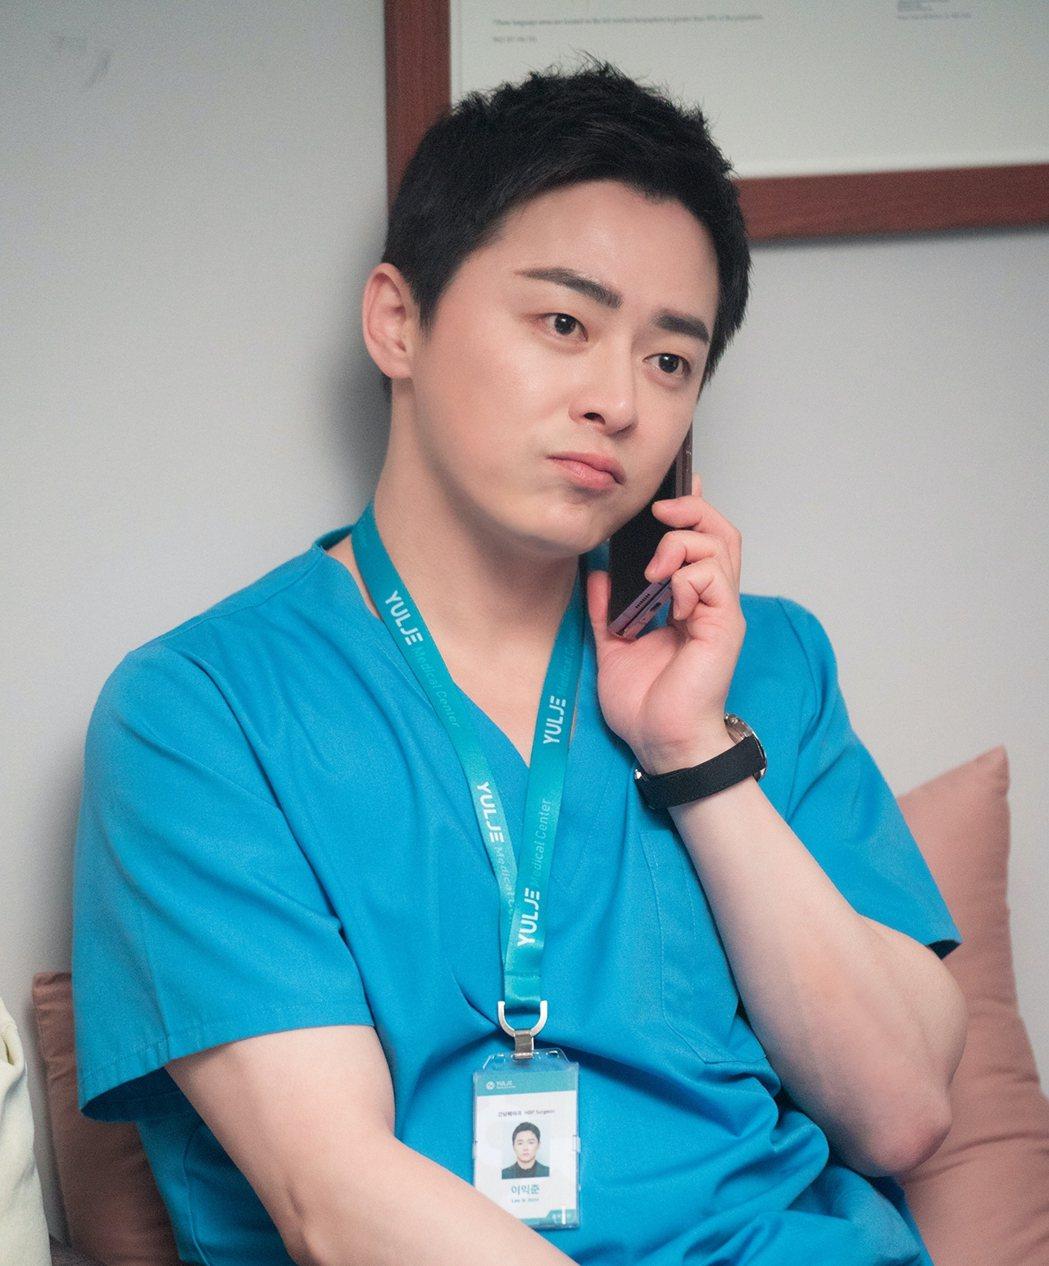 「機智醫生生活」第2季依舊溫馨感人,是疫情期間最療癒的戲劇,圖為飾演「李翊晙」的...